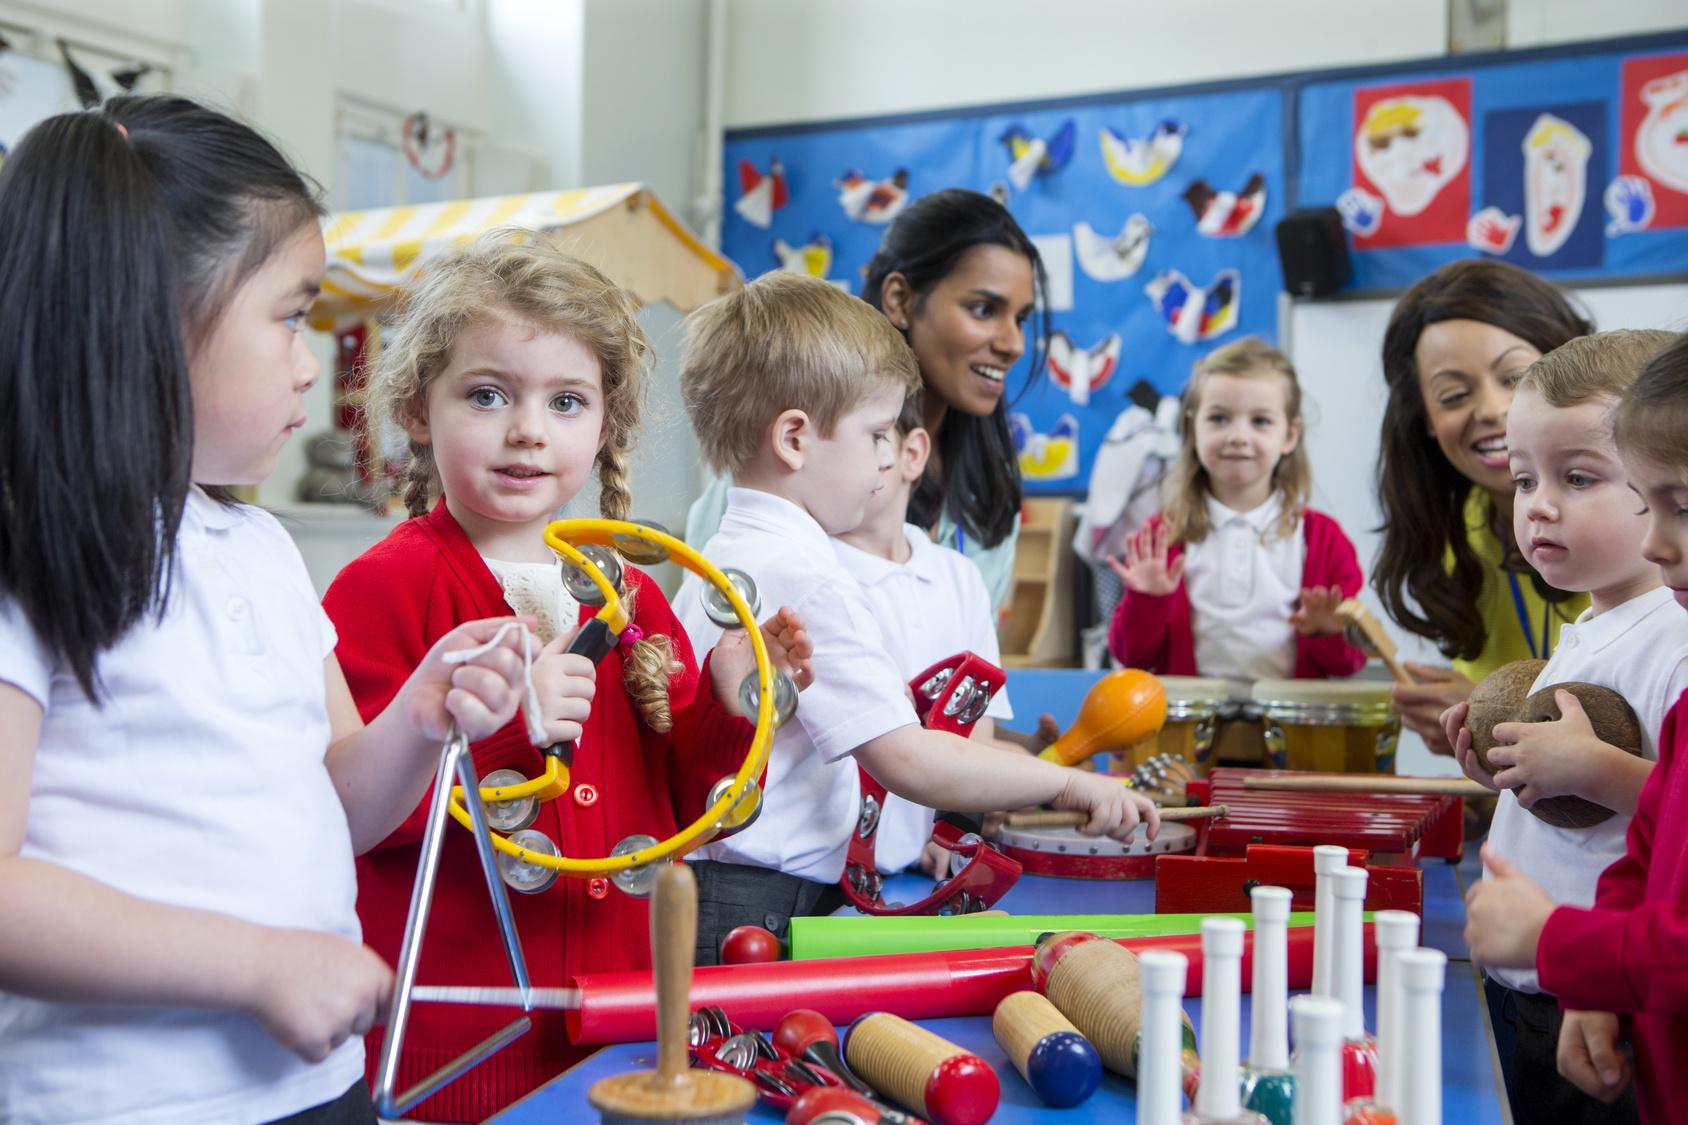 Zusatzqualifikation: Fachkraft für Krippenpädagogik